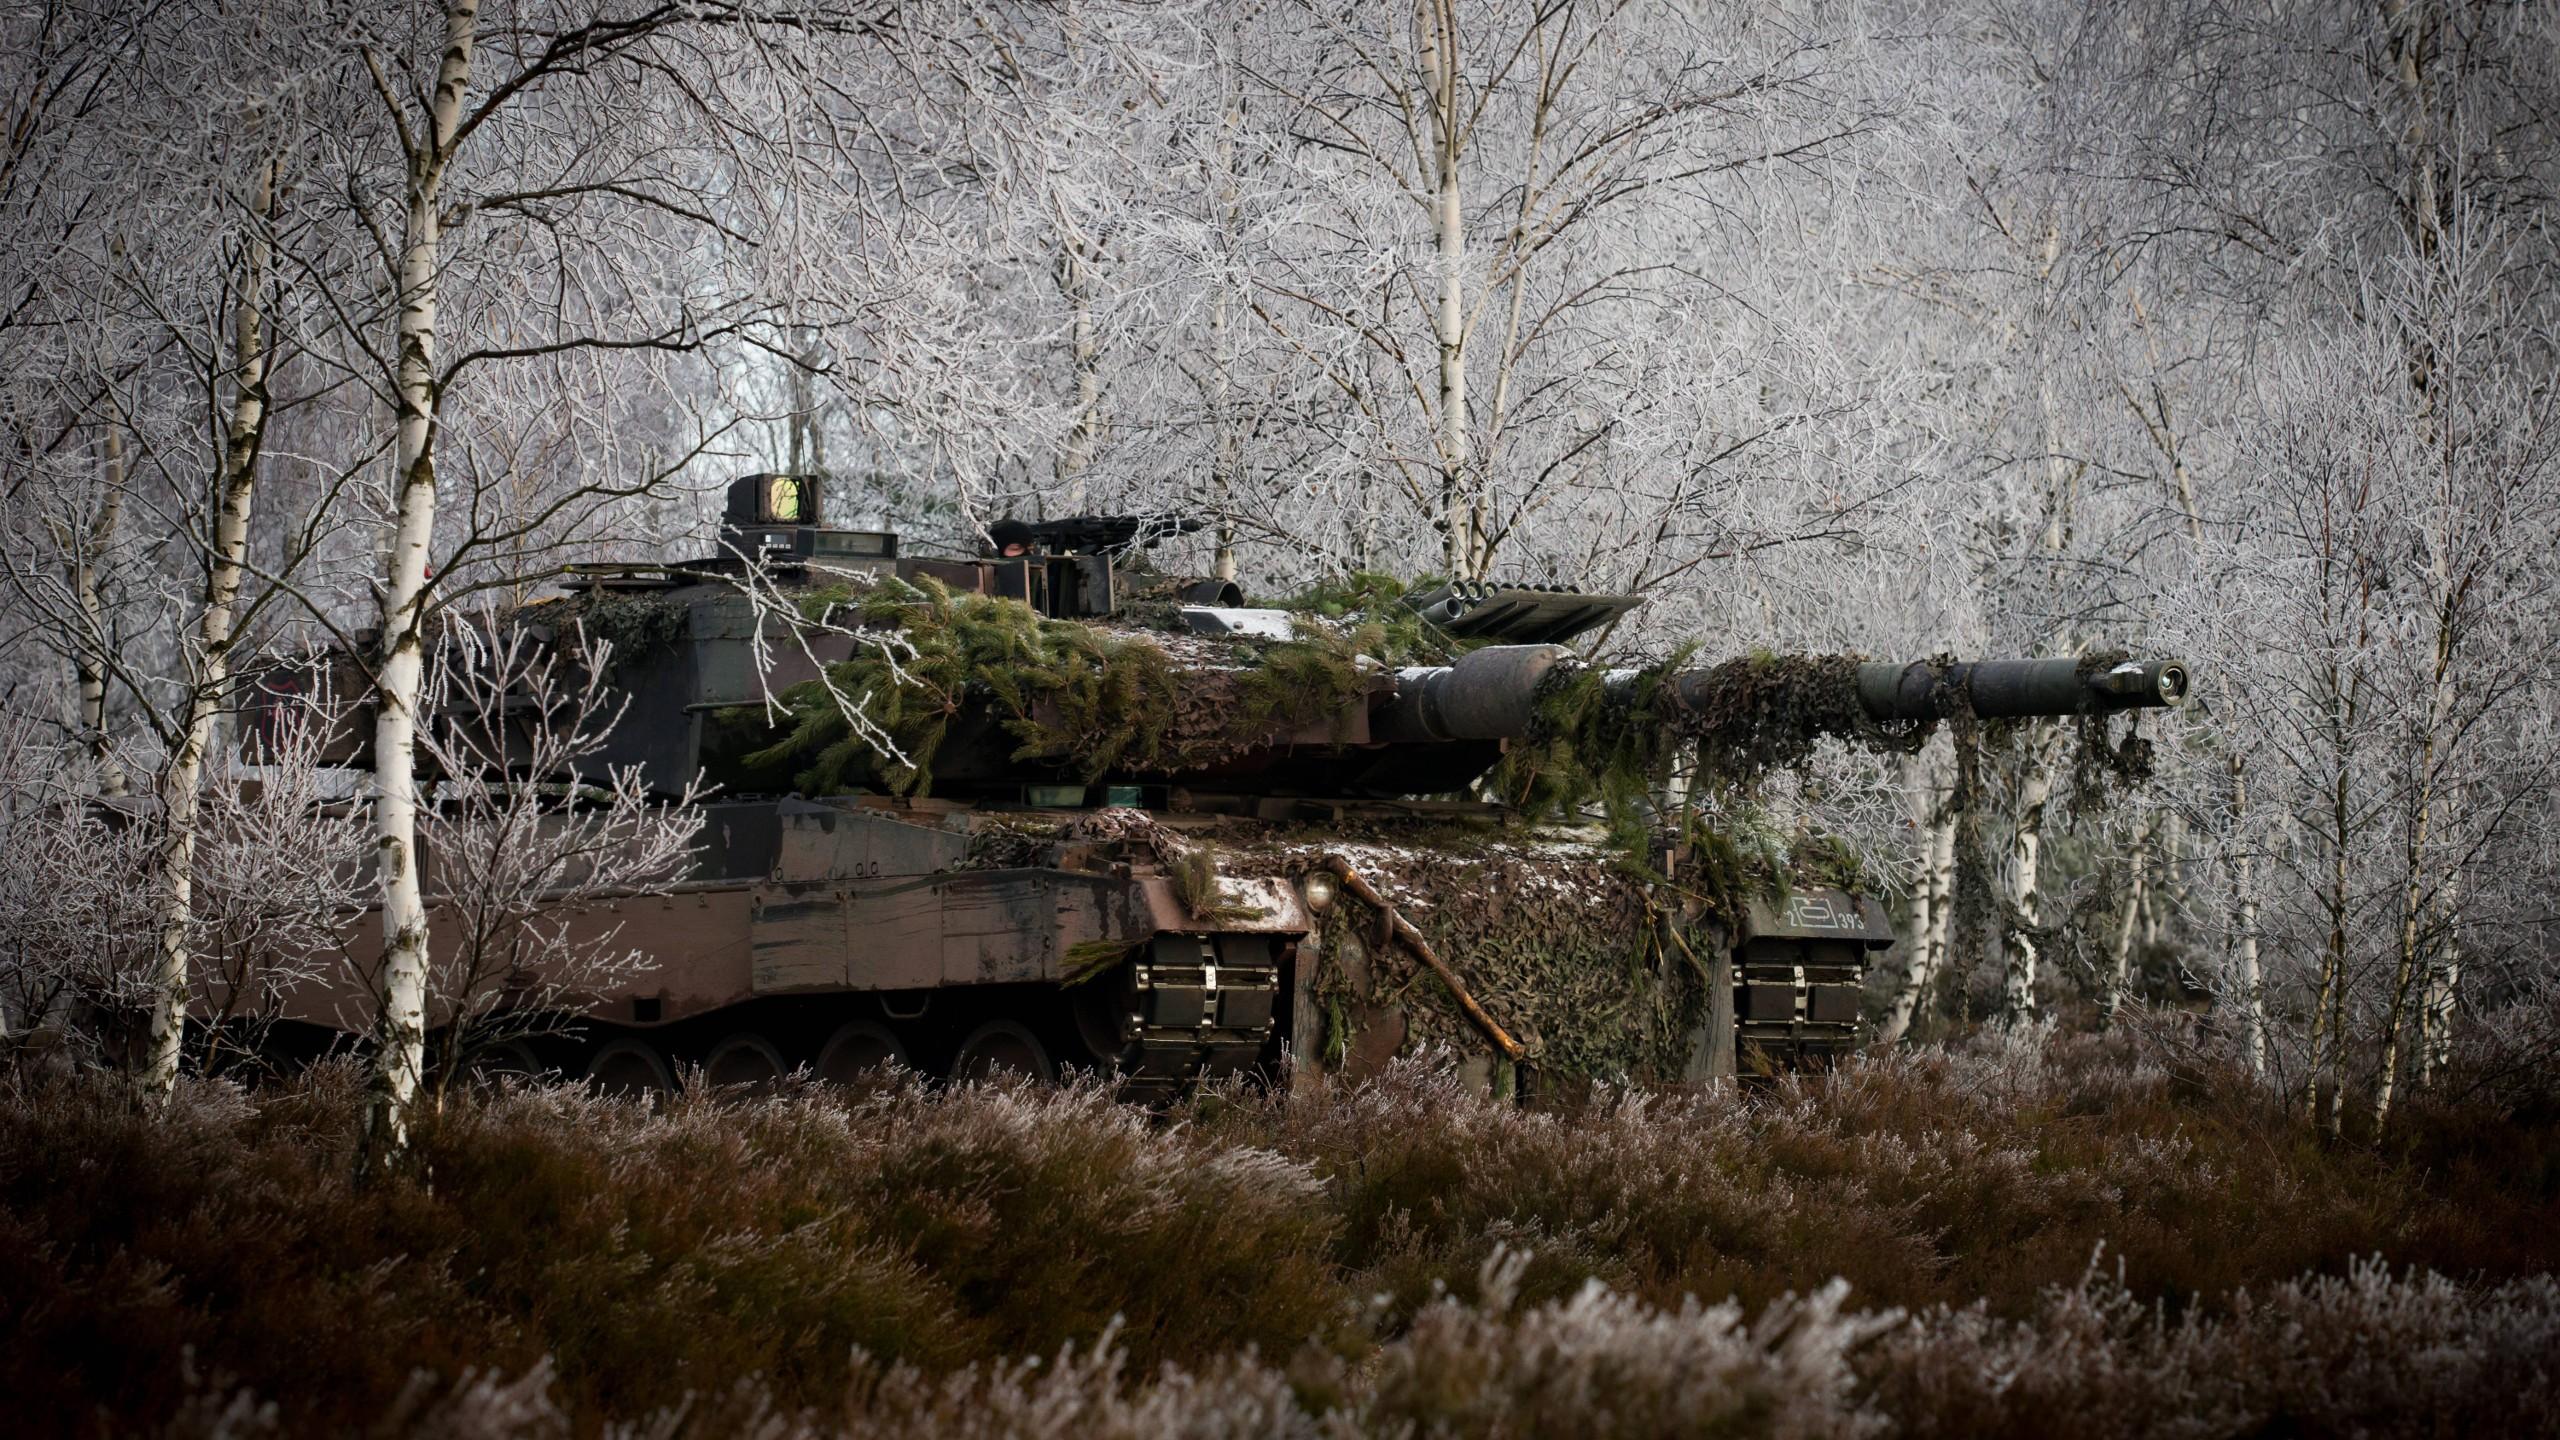 Military Tank Leopard 2 Bundeswehr Wallpaper Resolution 2560x1440 Id 624371 Wallha Com